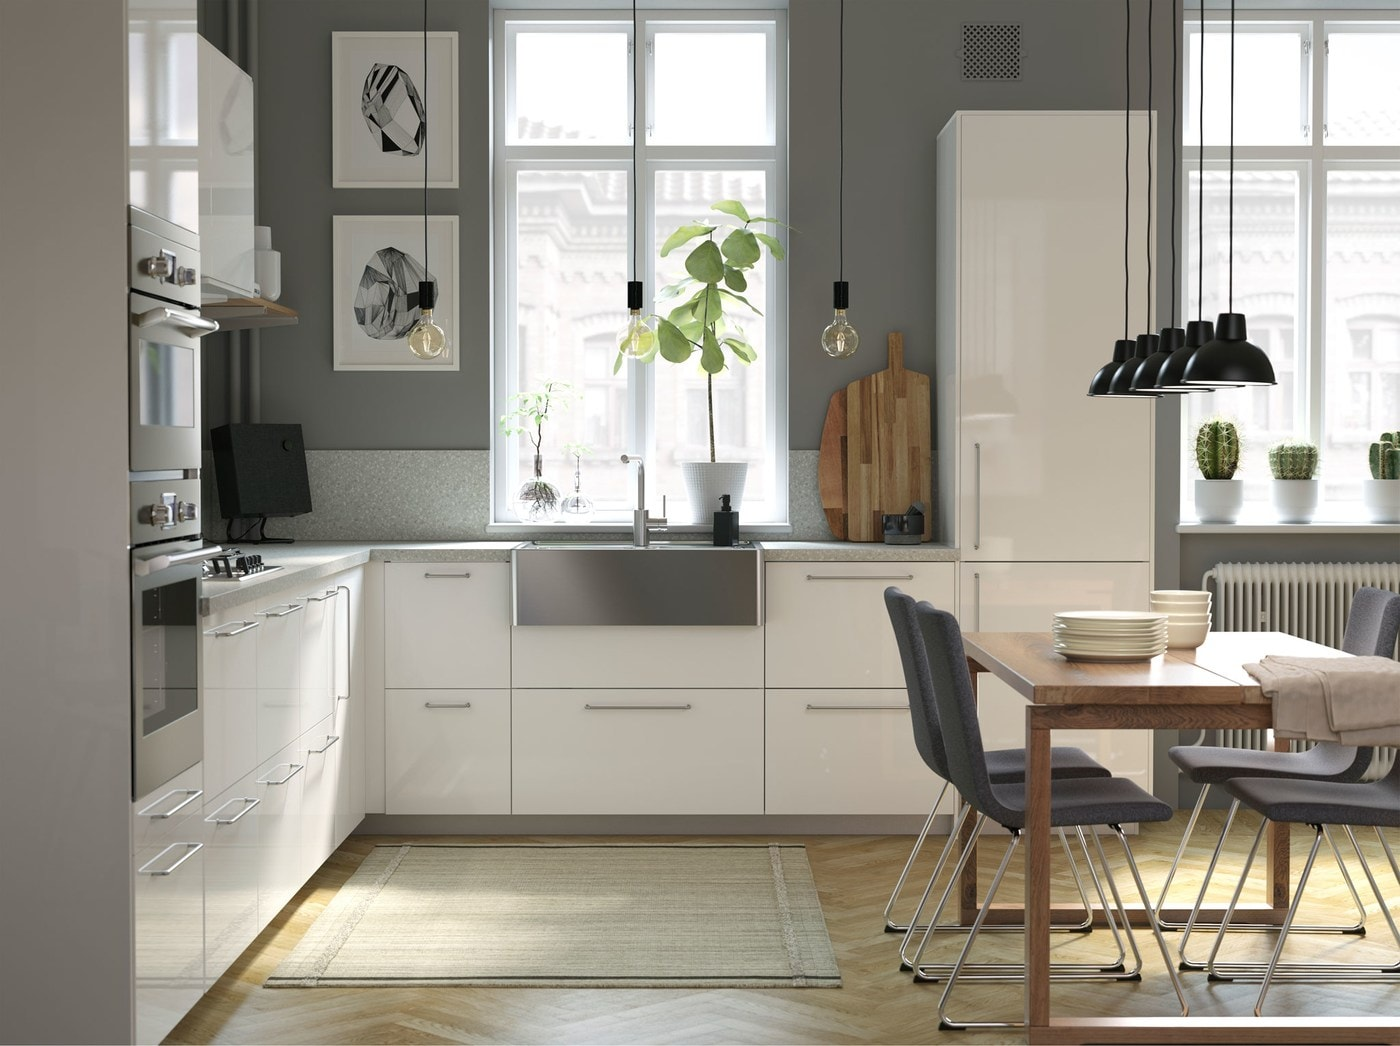 イケアのキッチンシリーズは、BREDSJÖN/ブレードショーン 流線型のステンレススチール製シンクボウルとTÄMNAREN/テムナレン 動作センサー付きの節水キッチン水栓(オプション)を取りそろえています。